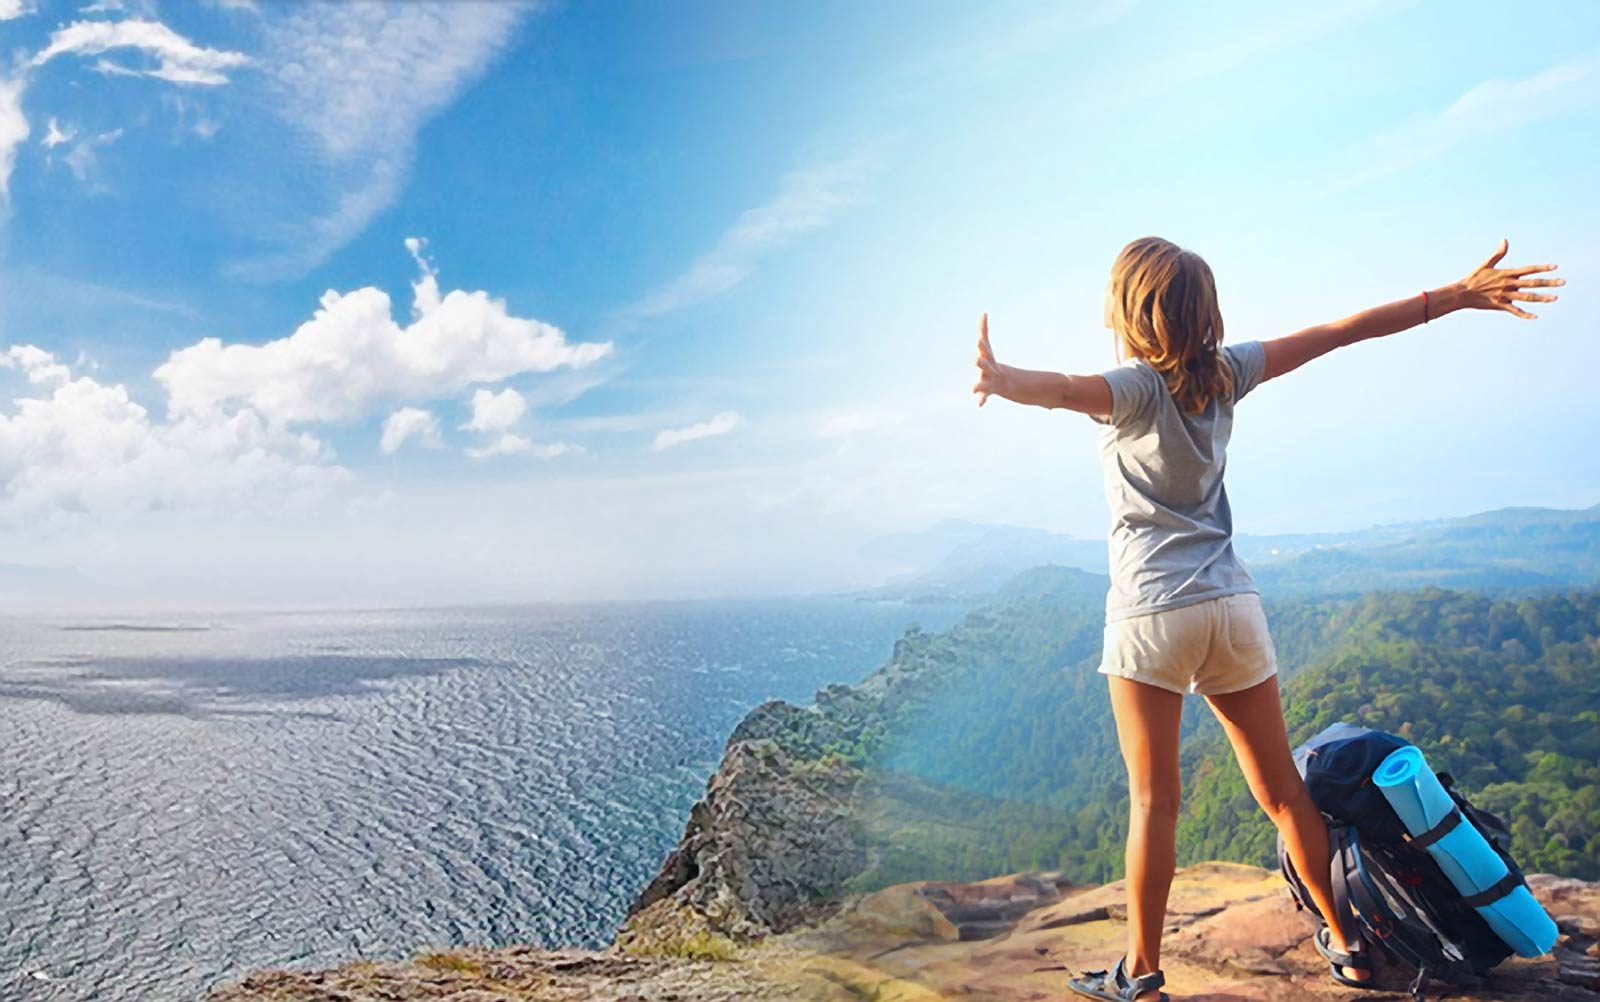 Стоимость обязательного страхования туриста для туроператора будет зависеть от страны и продолжительности поездки